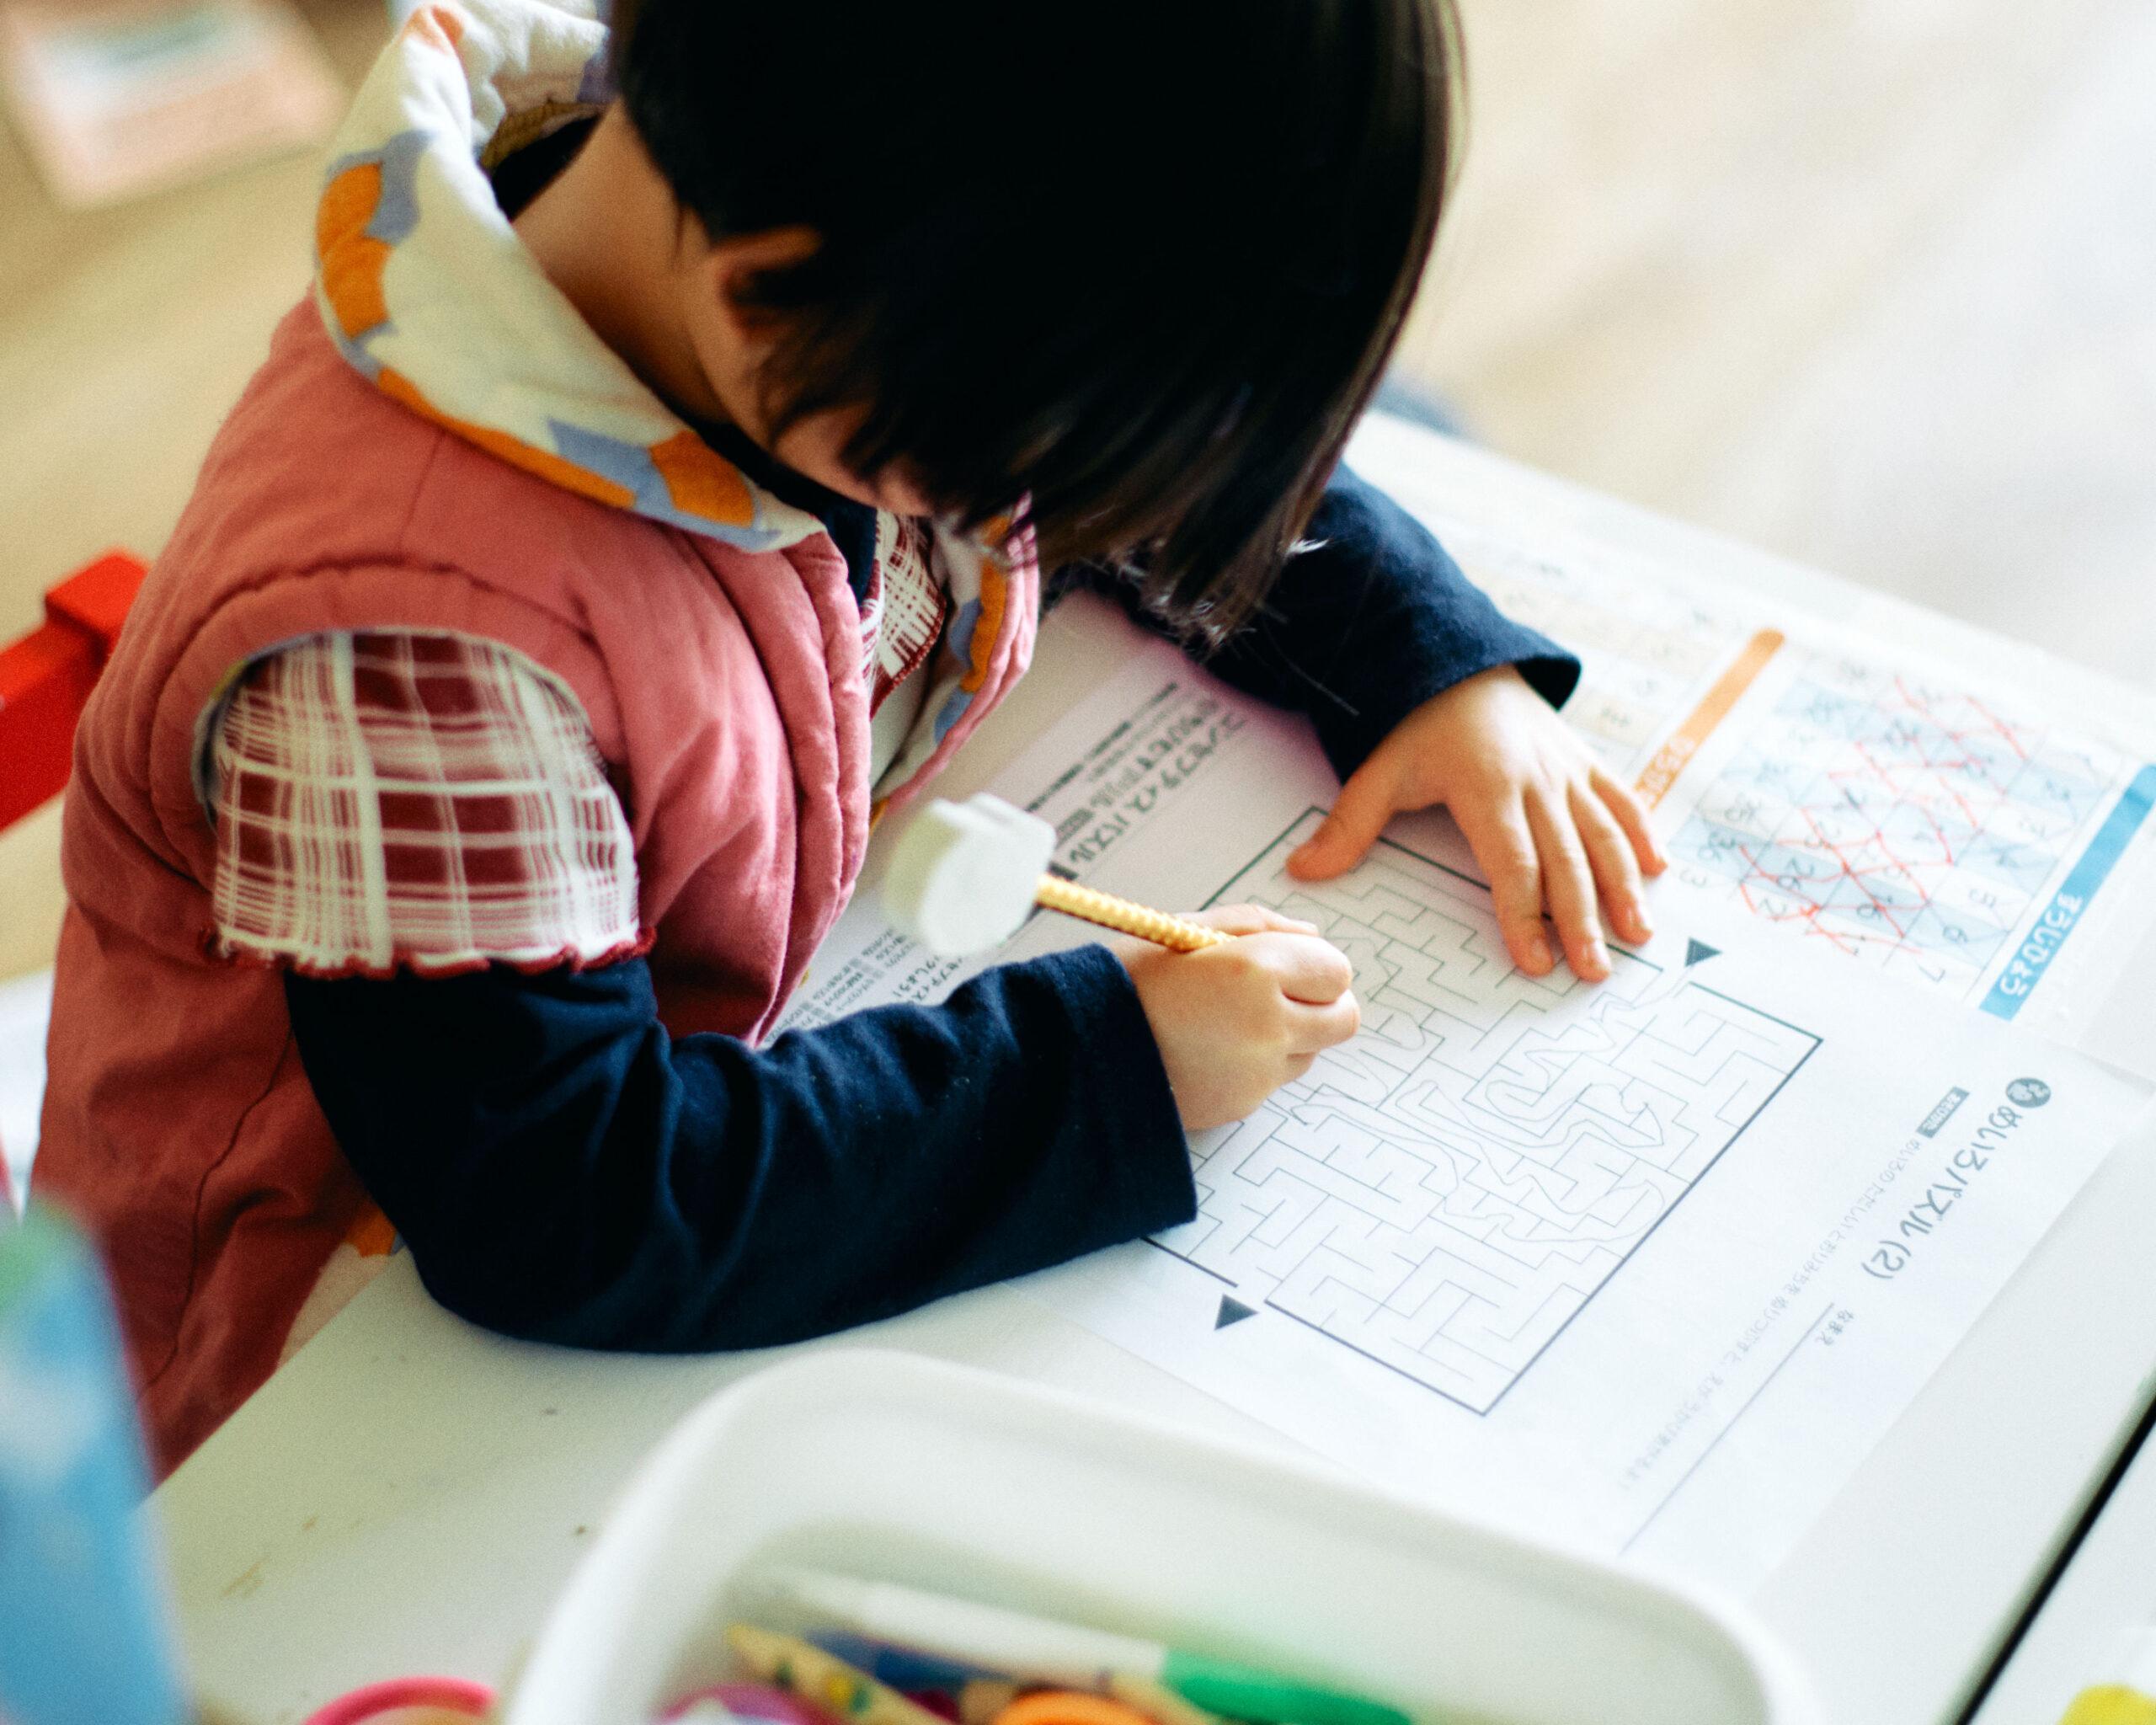 kid-solving-maze-puzzle-desk